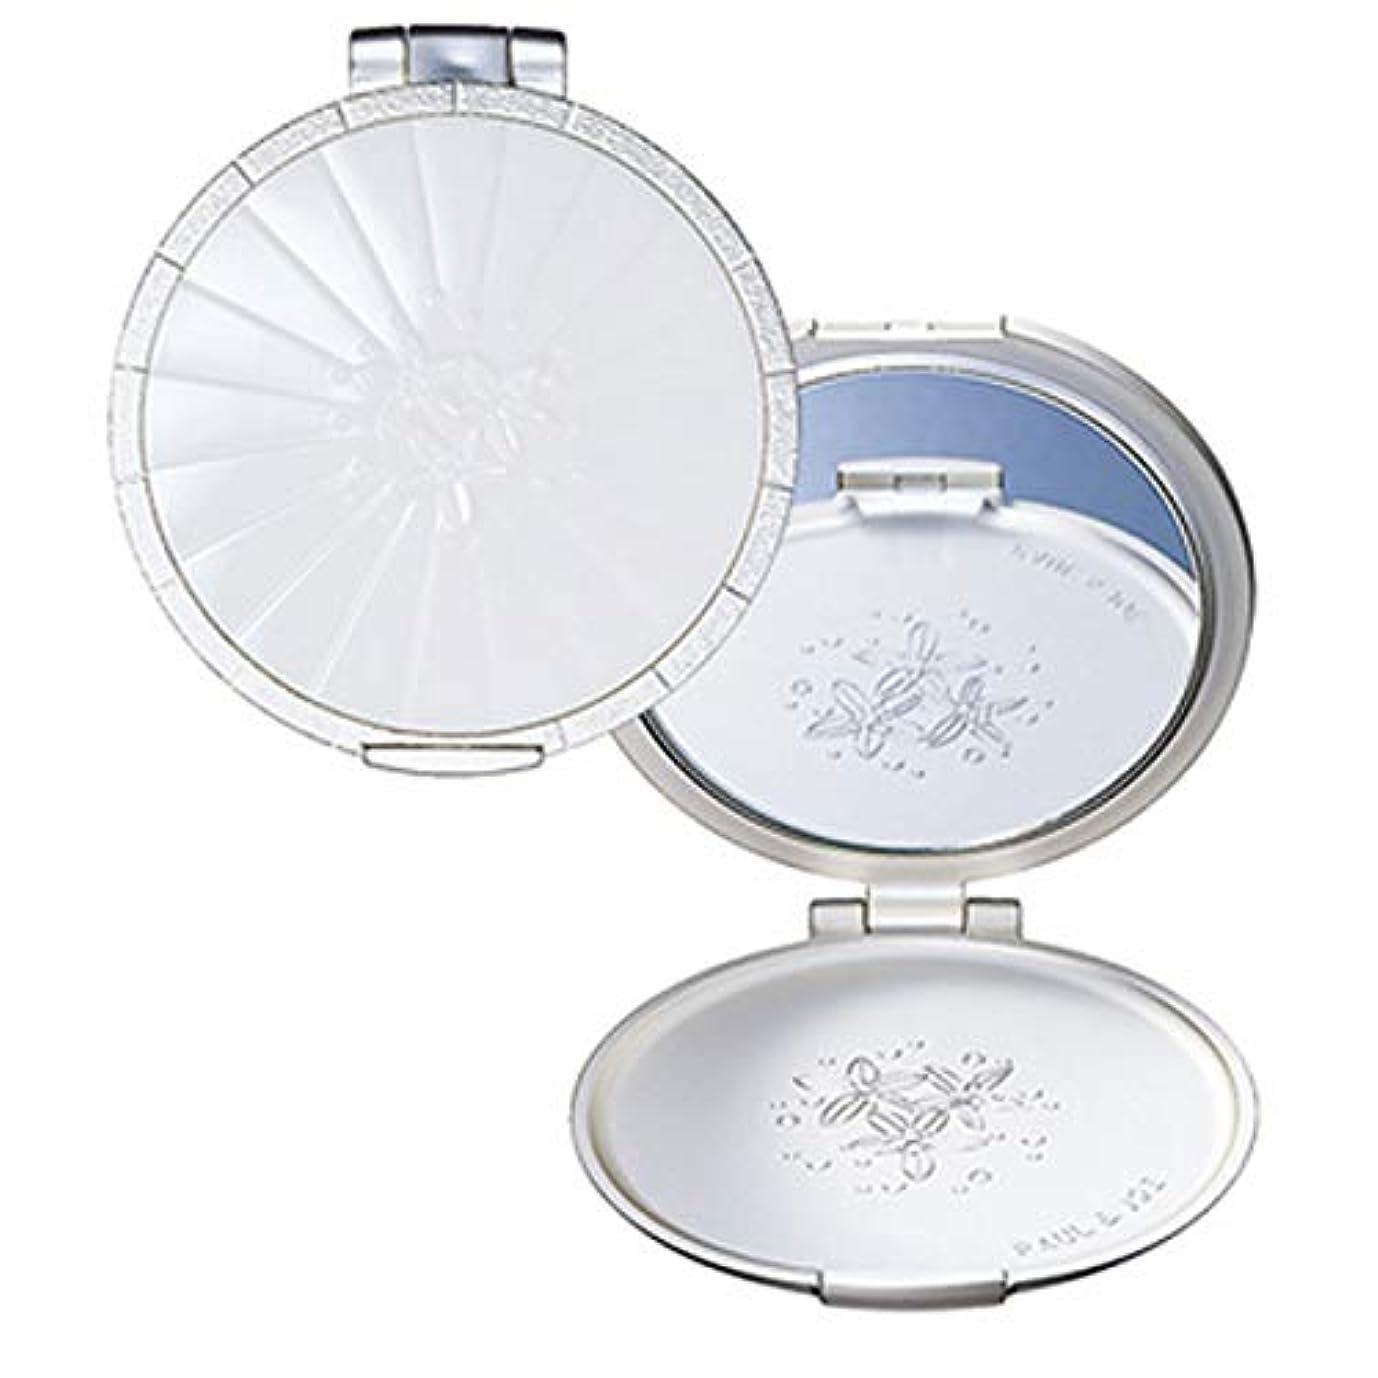 アーカイブ増強適合しました(ポール&ジョー) PAUL&JOE P&J コンパクトミラー 鏡 ミラー 手鏡 フラワー ポールアンドジョー 化粧直し かわいい グレープフルーツ 花 クラシカル 巾着 セット SET